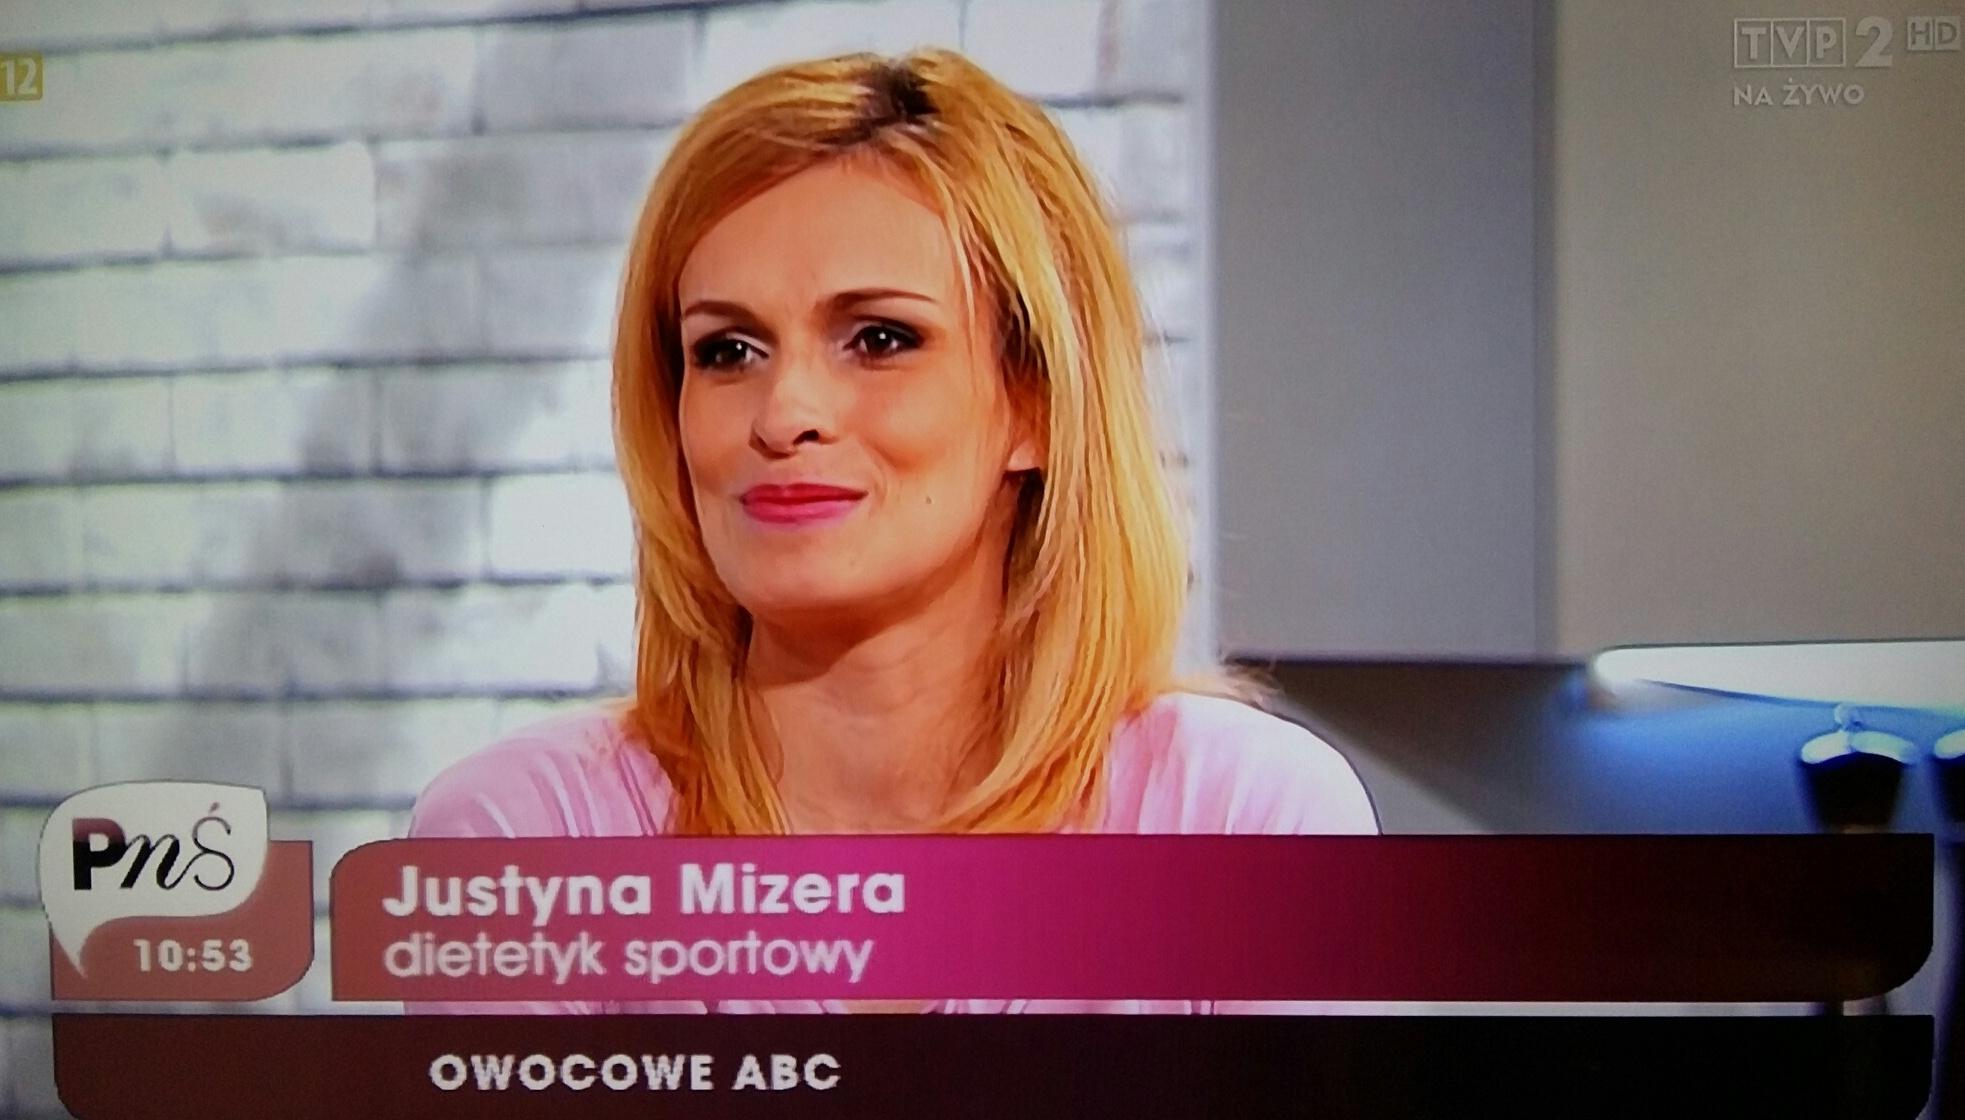 Justyna Mizera dietetyk TVP